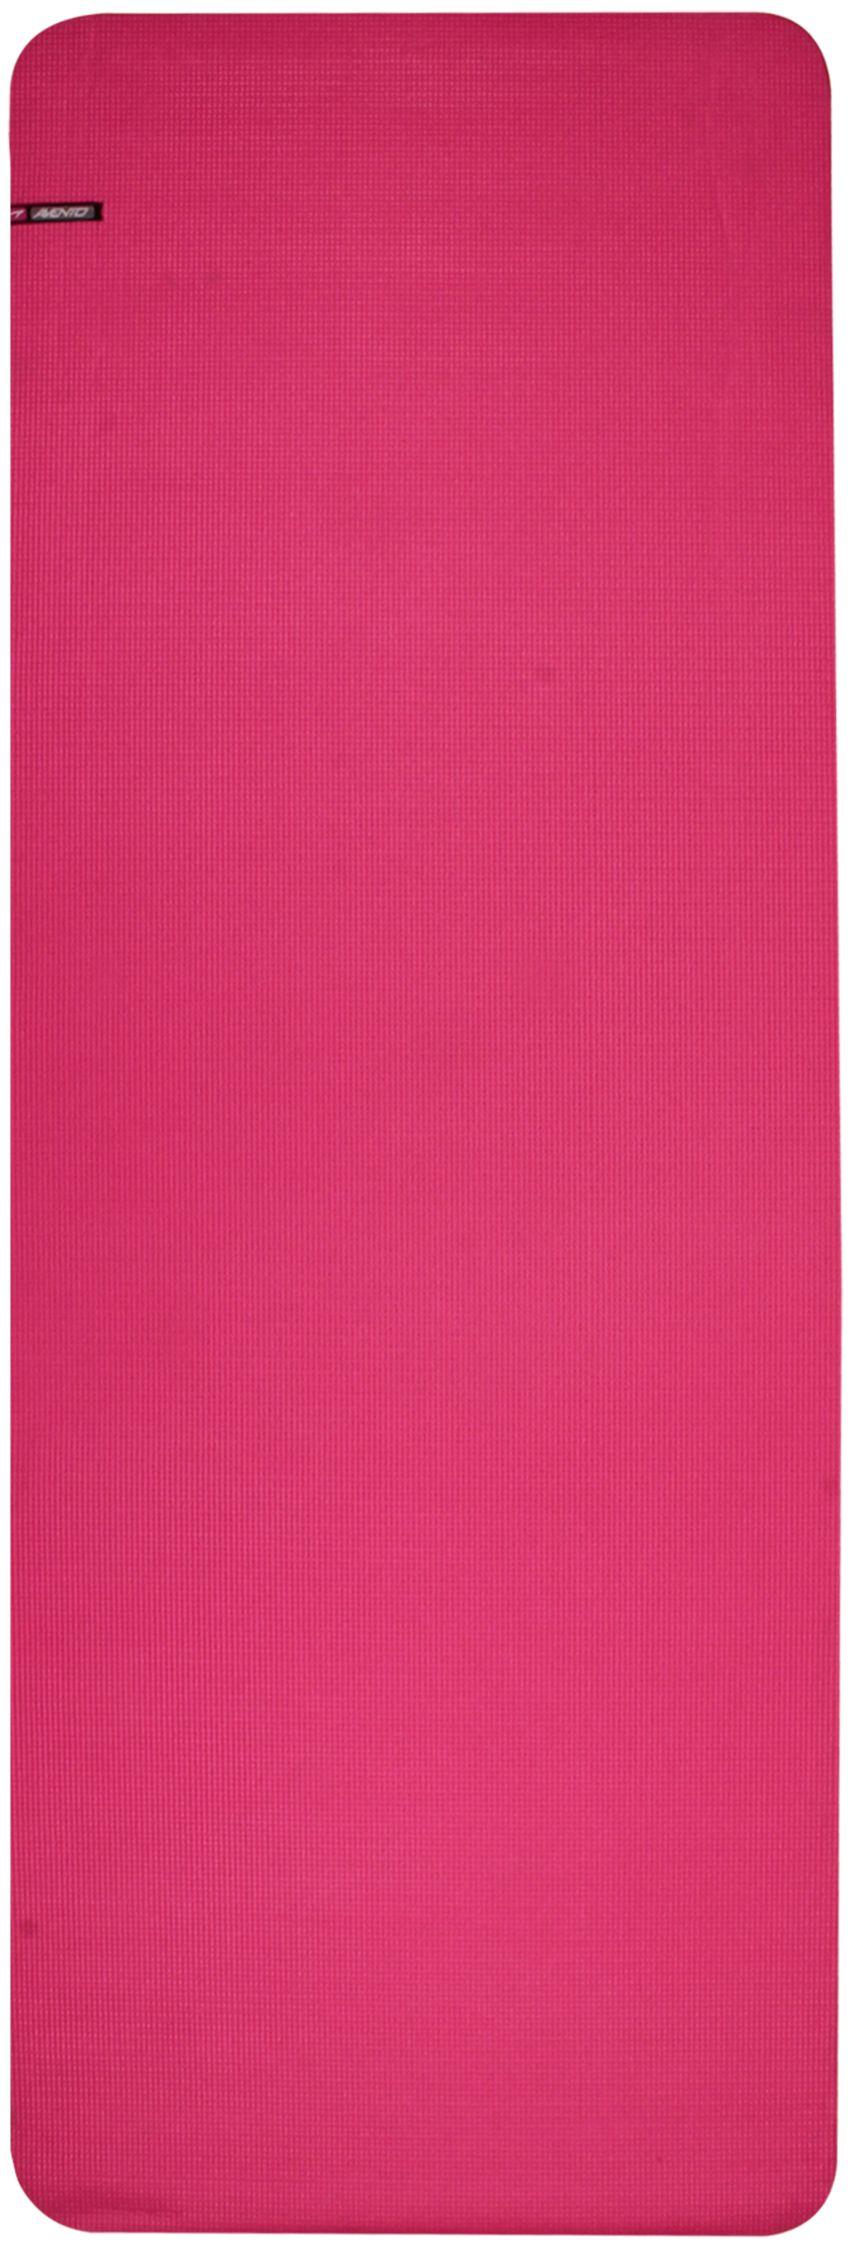 Mat Fitness/Yoga • PVC •